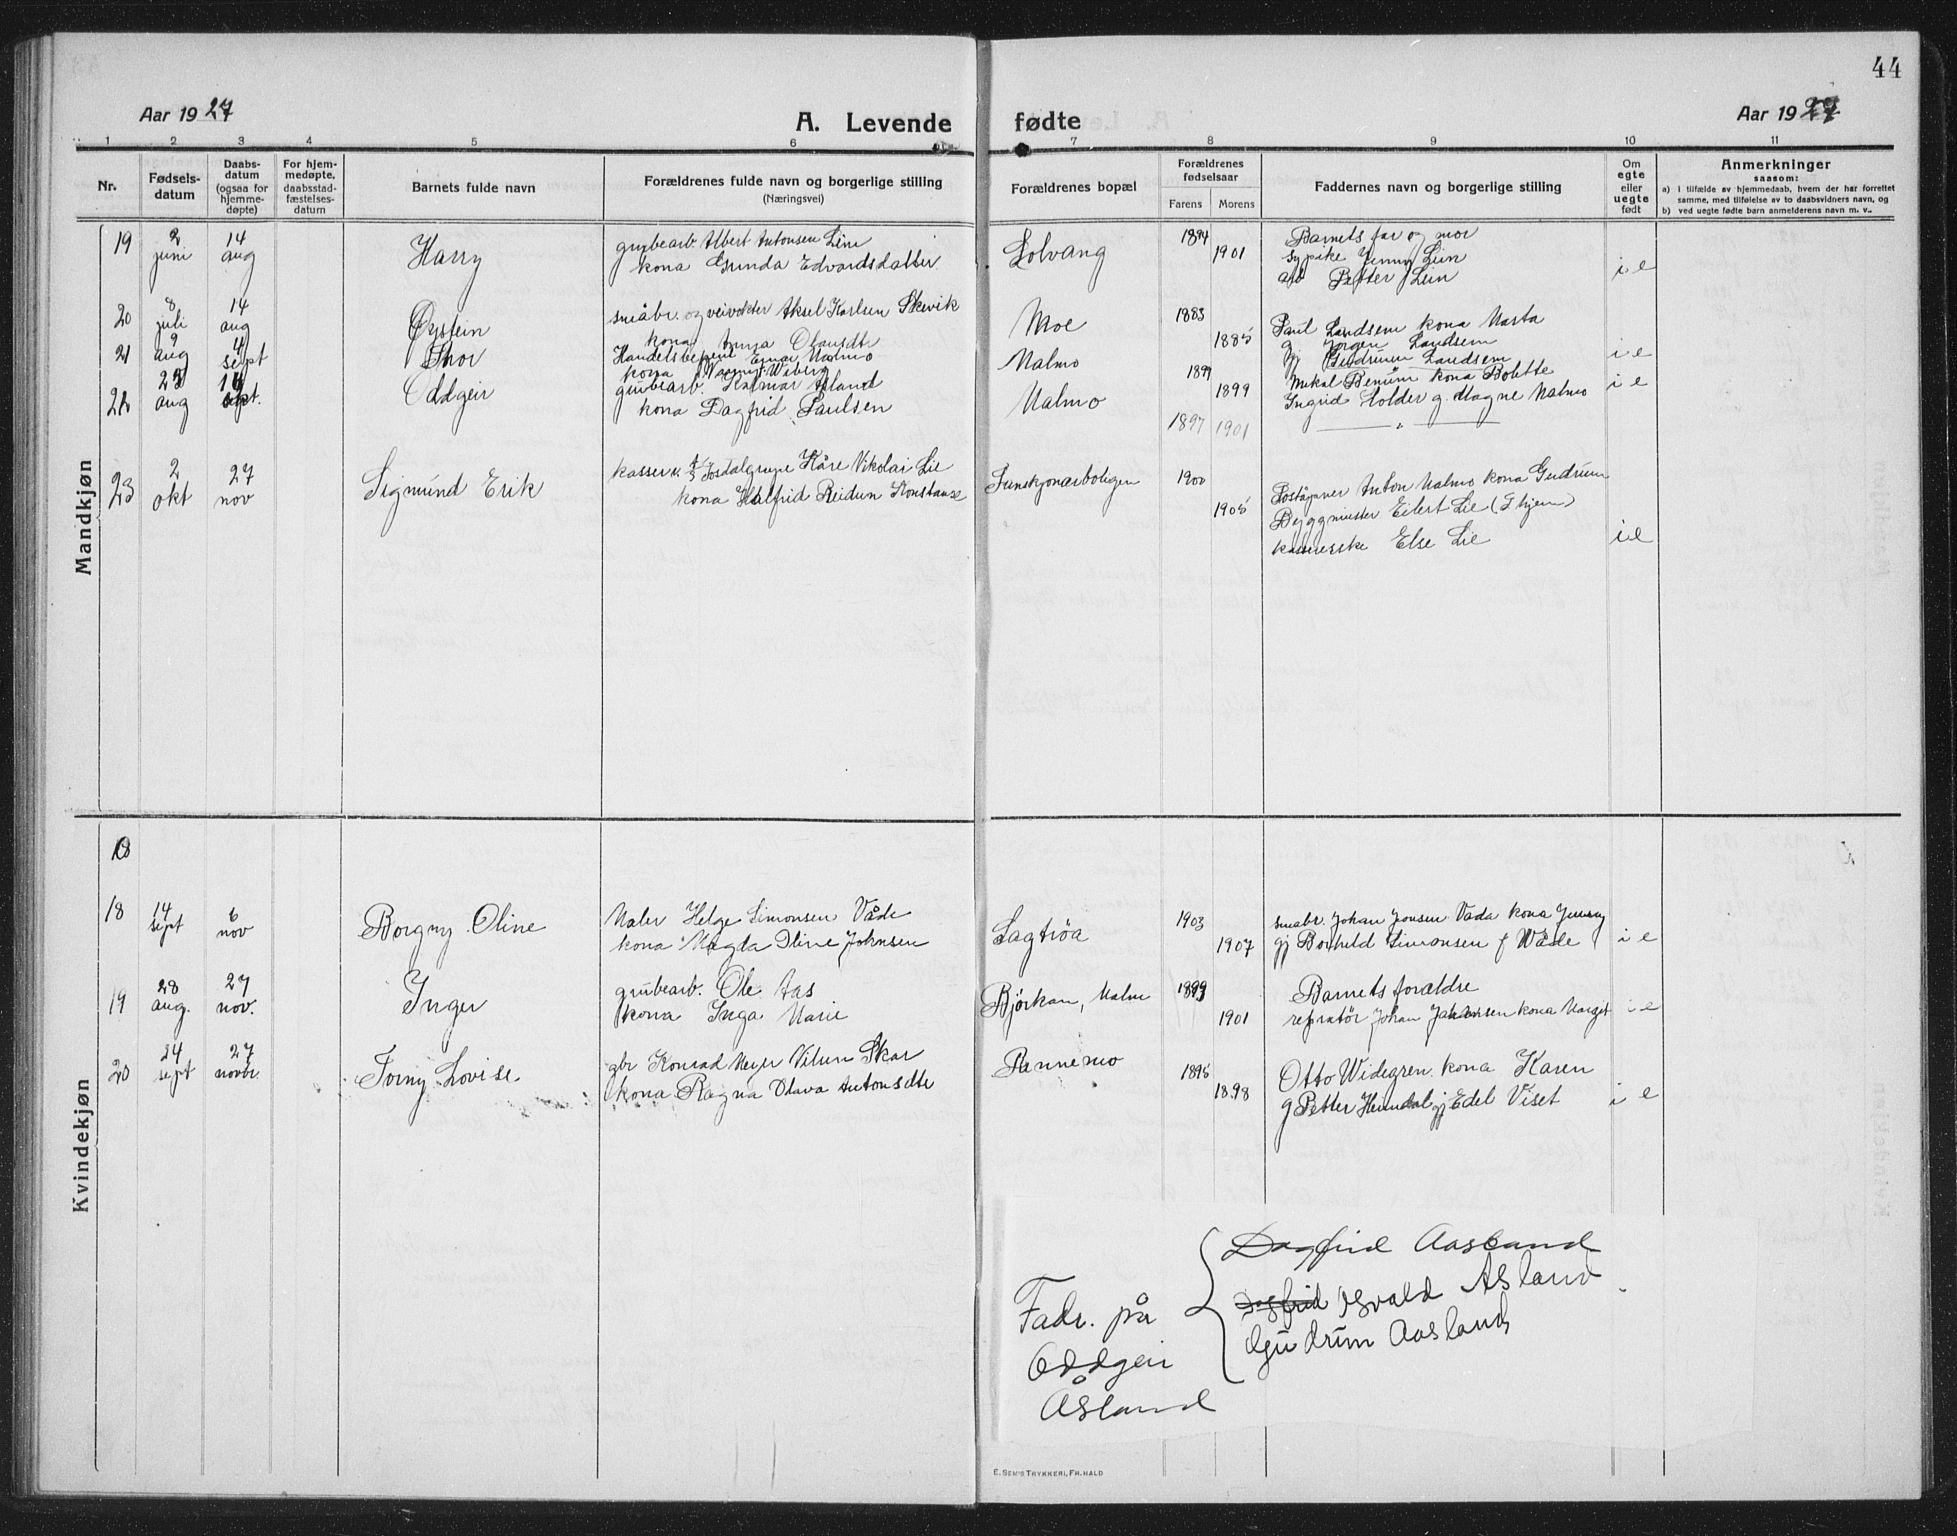 SAT, Ministerialprotokoller, klokkerbøker og fødselsregistre - Nord-Trøndelag, 745/L0434: Klokkerbok nr. 745C03, 1914-1937, s. 44